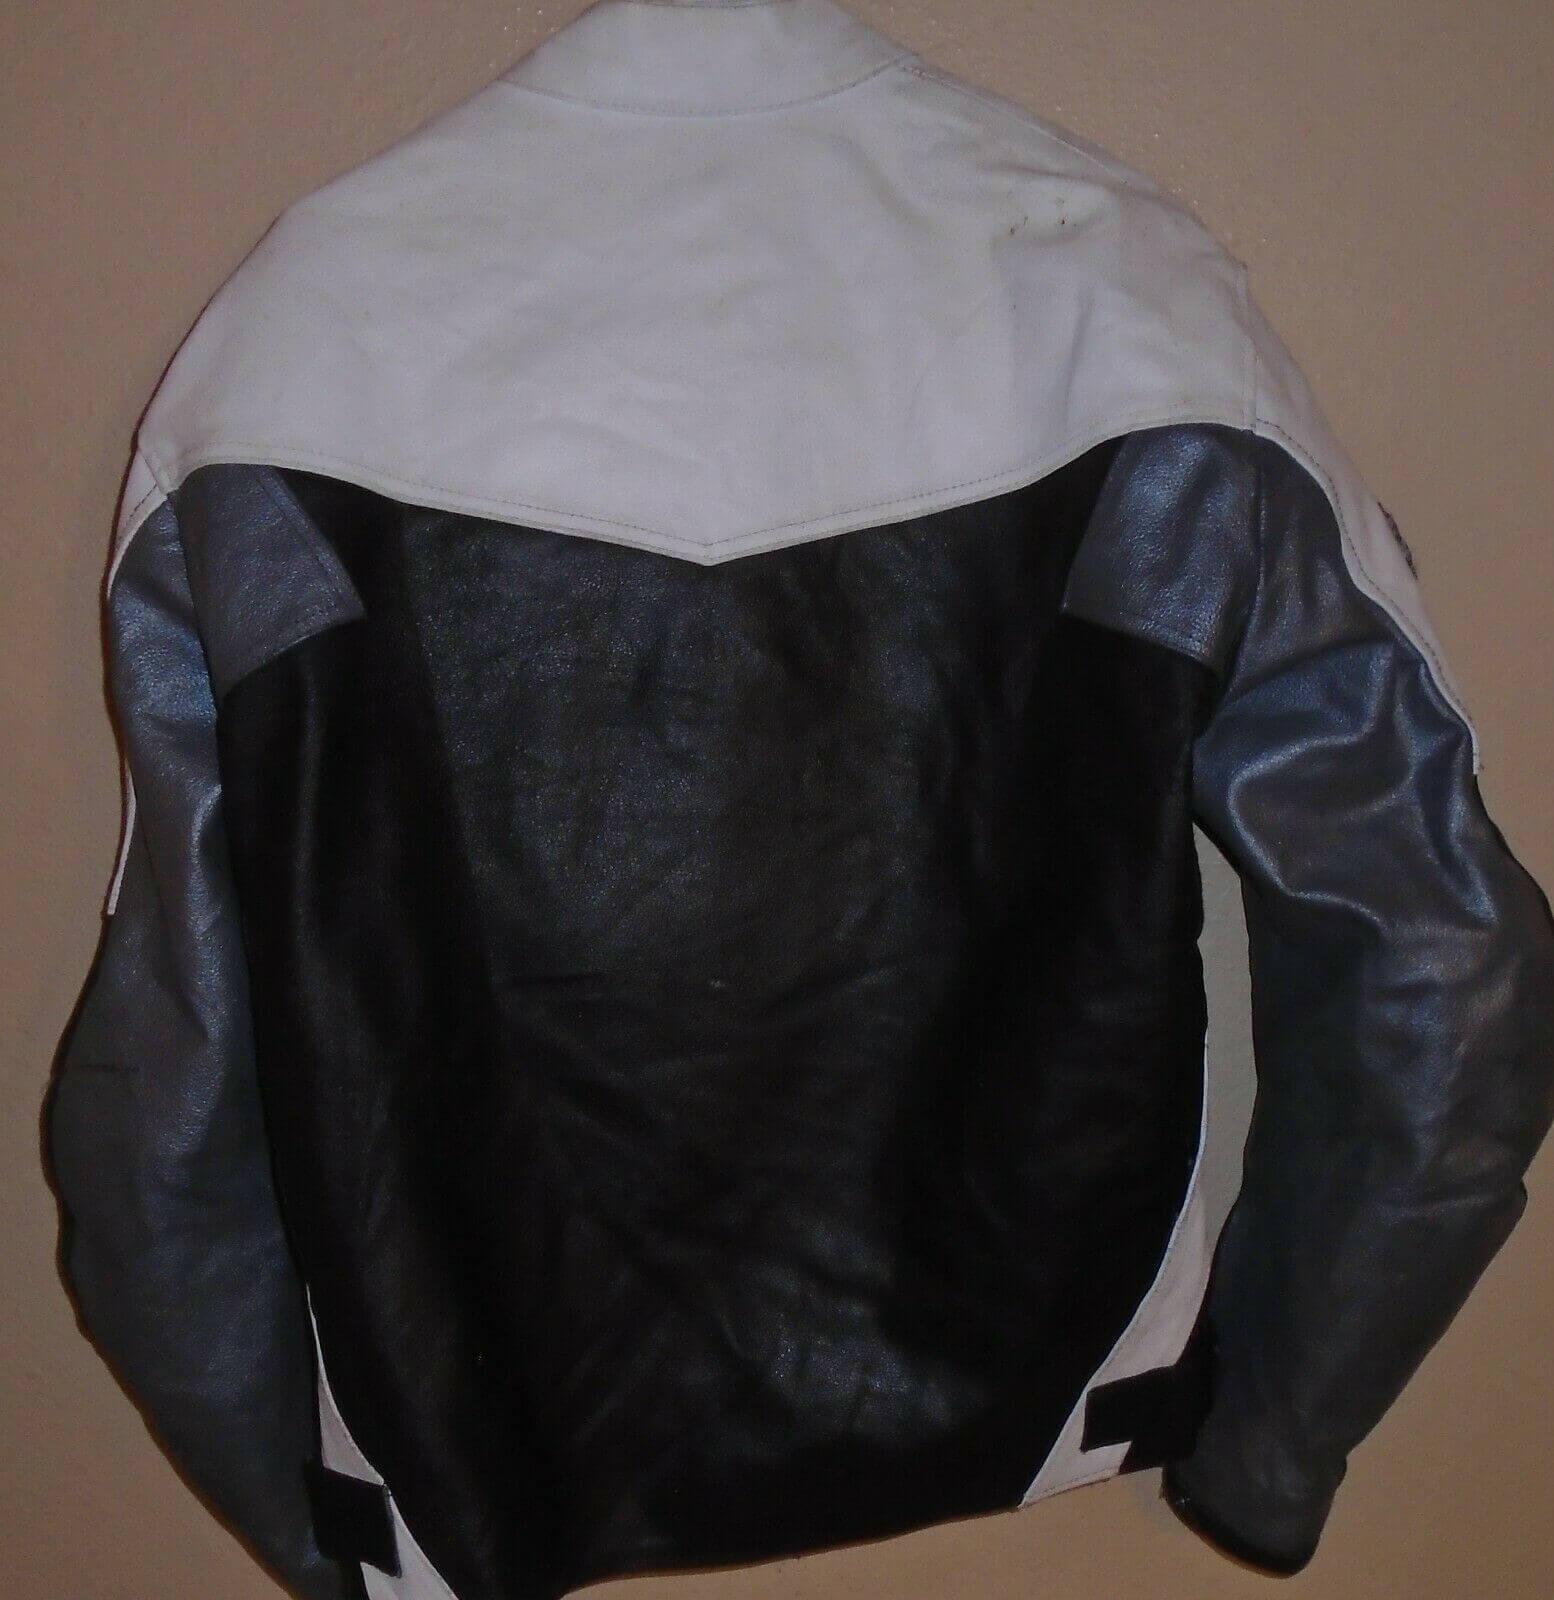 Yamaha Motorcycle Black And White Racing Leather Jacket